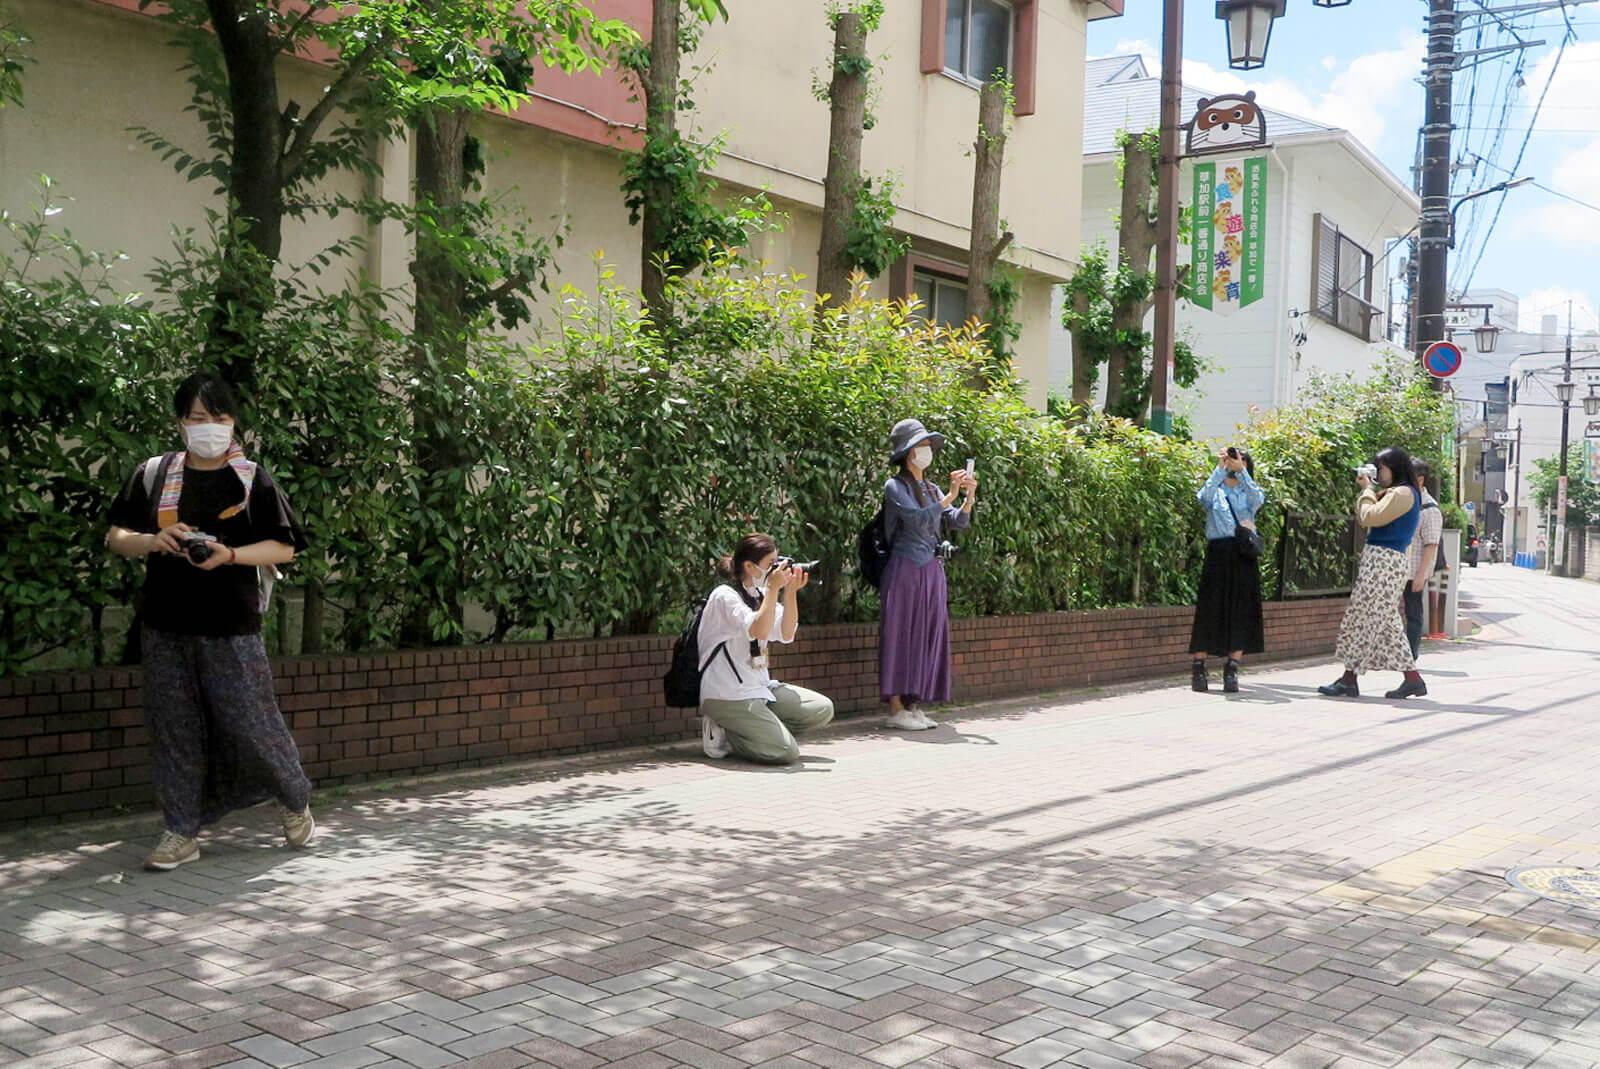 ローカルWEBメディア・地域サイト 草加ローカルストーリー 草加カメラ部 草加レポート カメラ女子